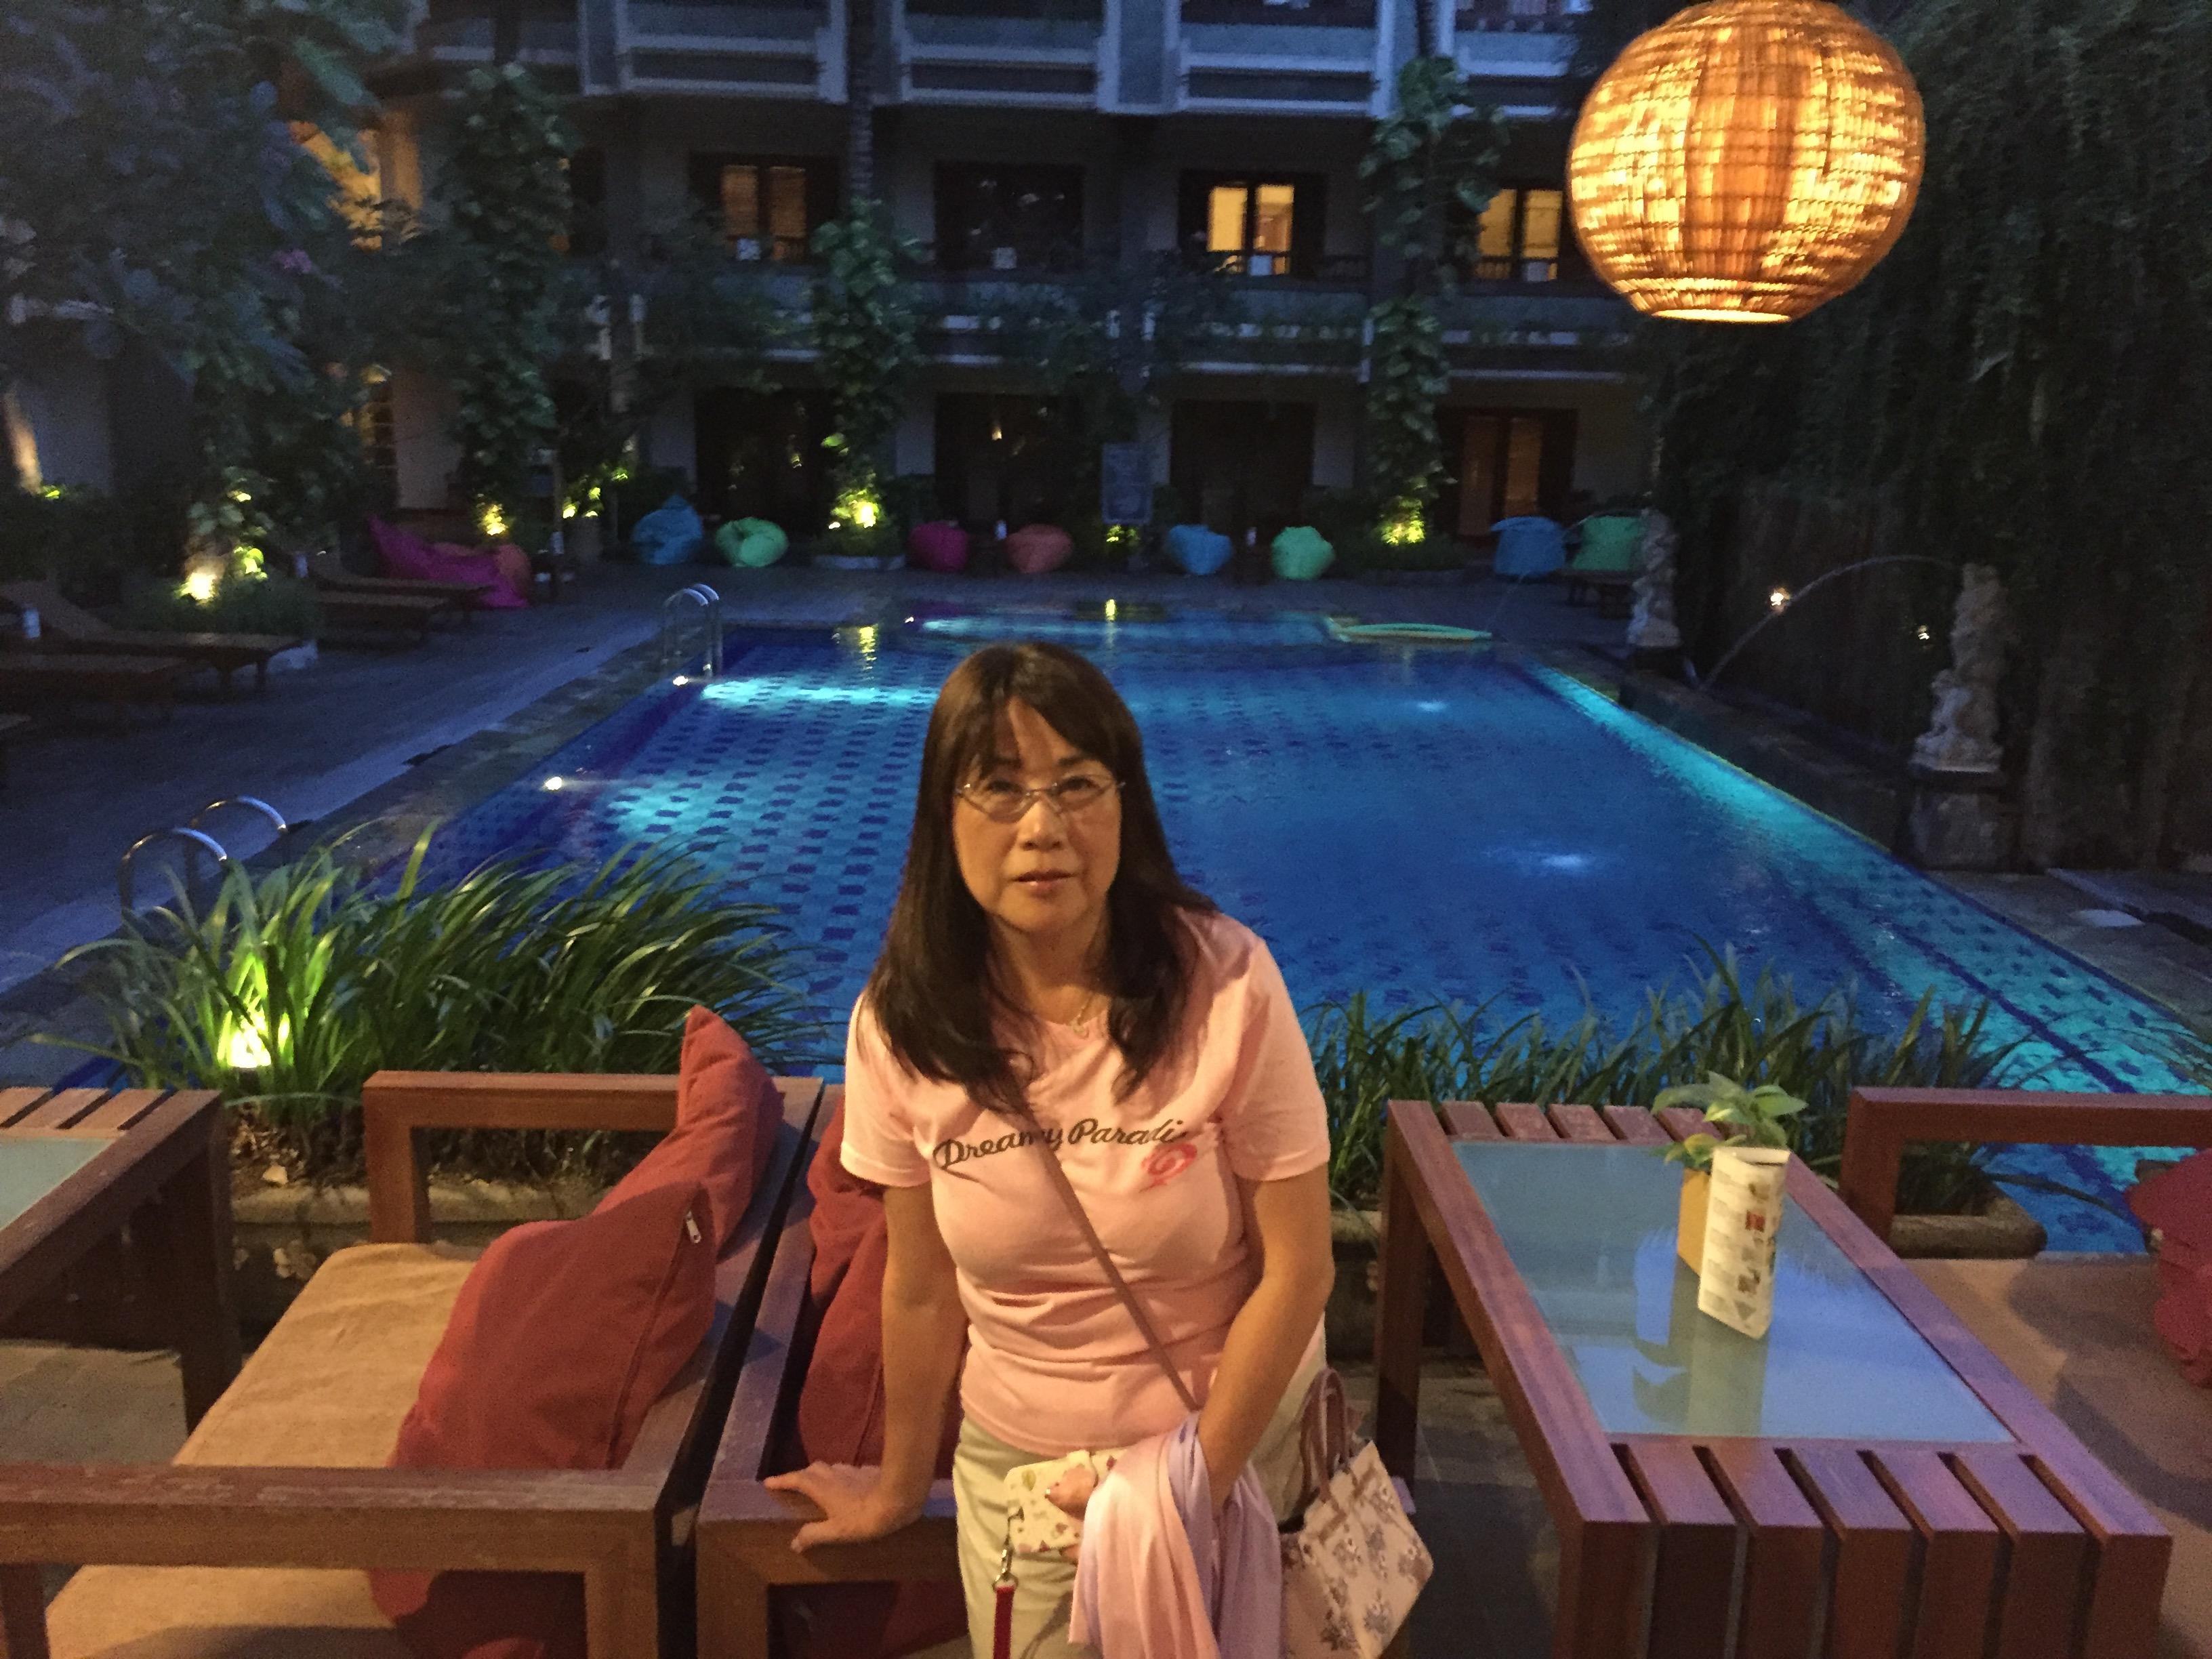 ビラバリホテル(バリ島)夜